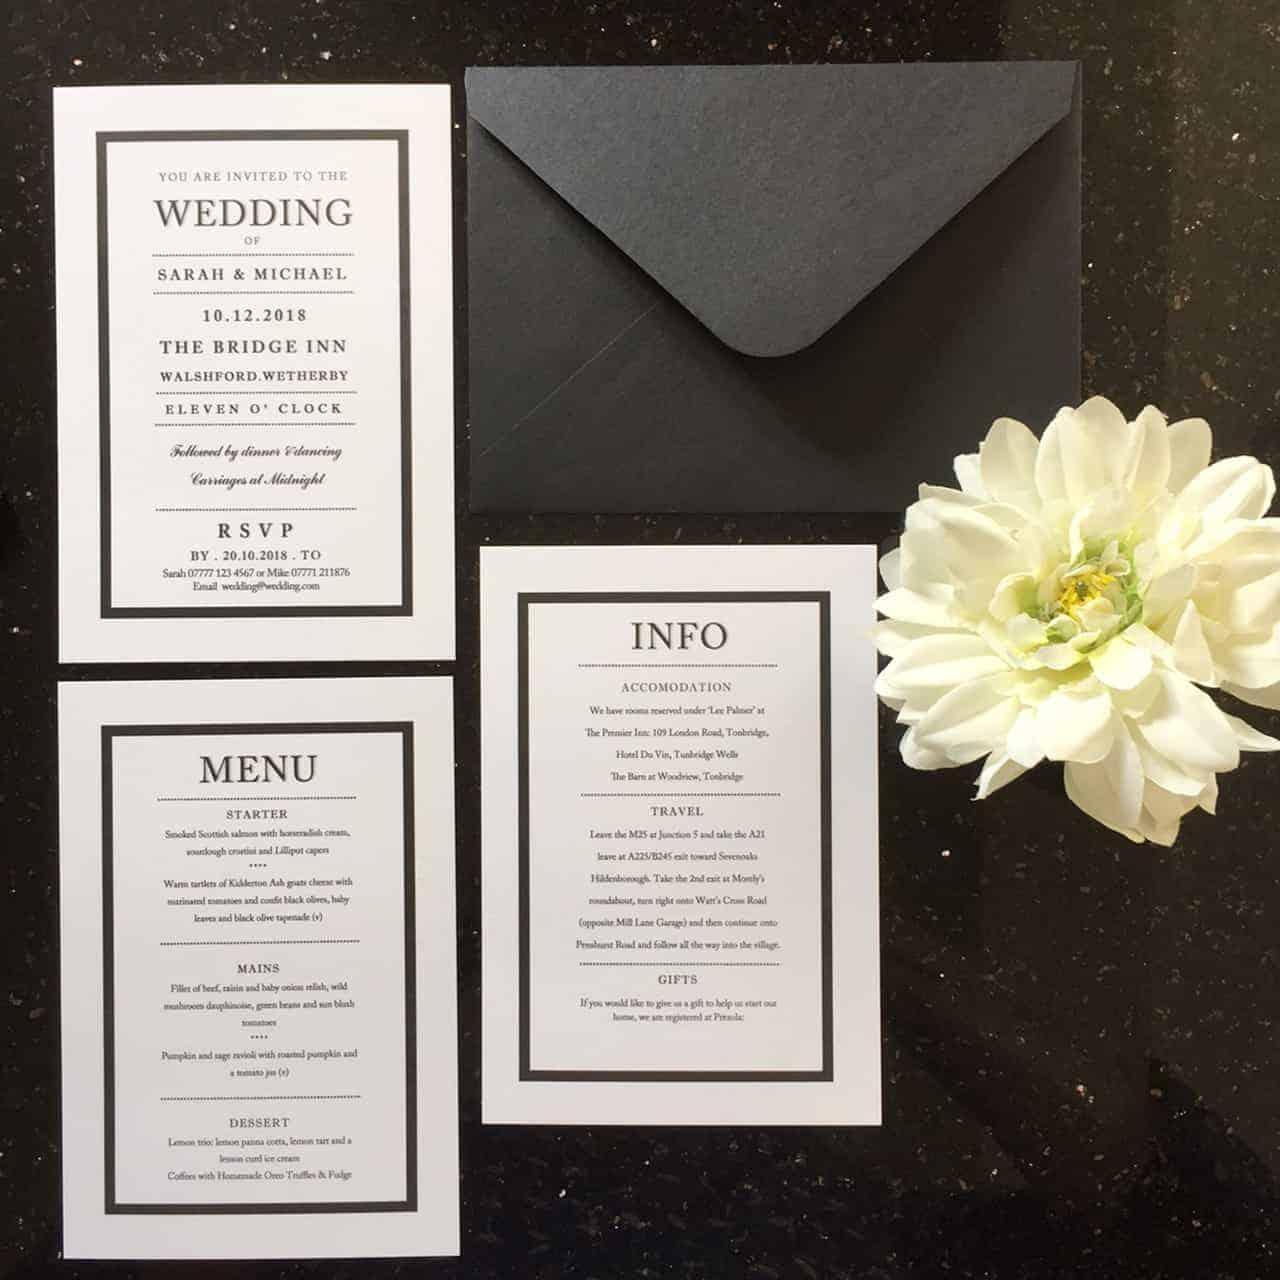 White Wedding Invitations: Black And White Wedding Invitations And Stationery